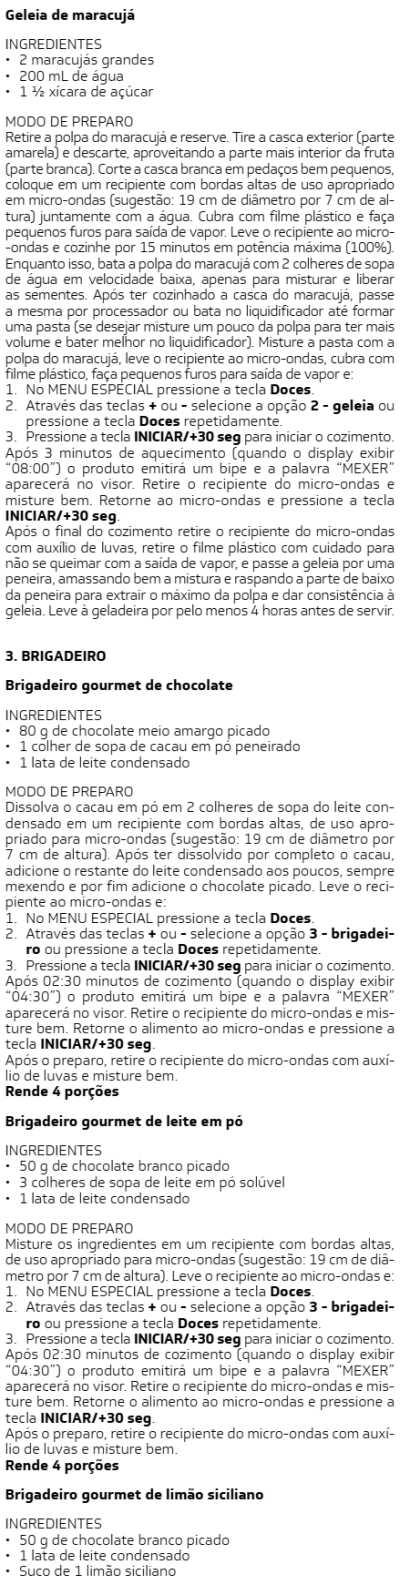 Microondas Brastemp - BMS20 -  receitas 2